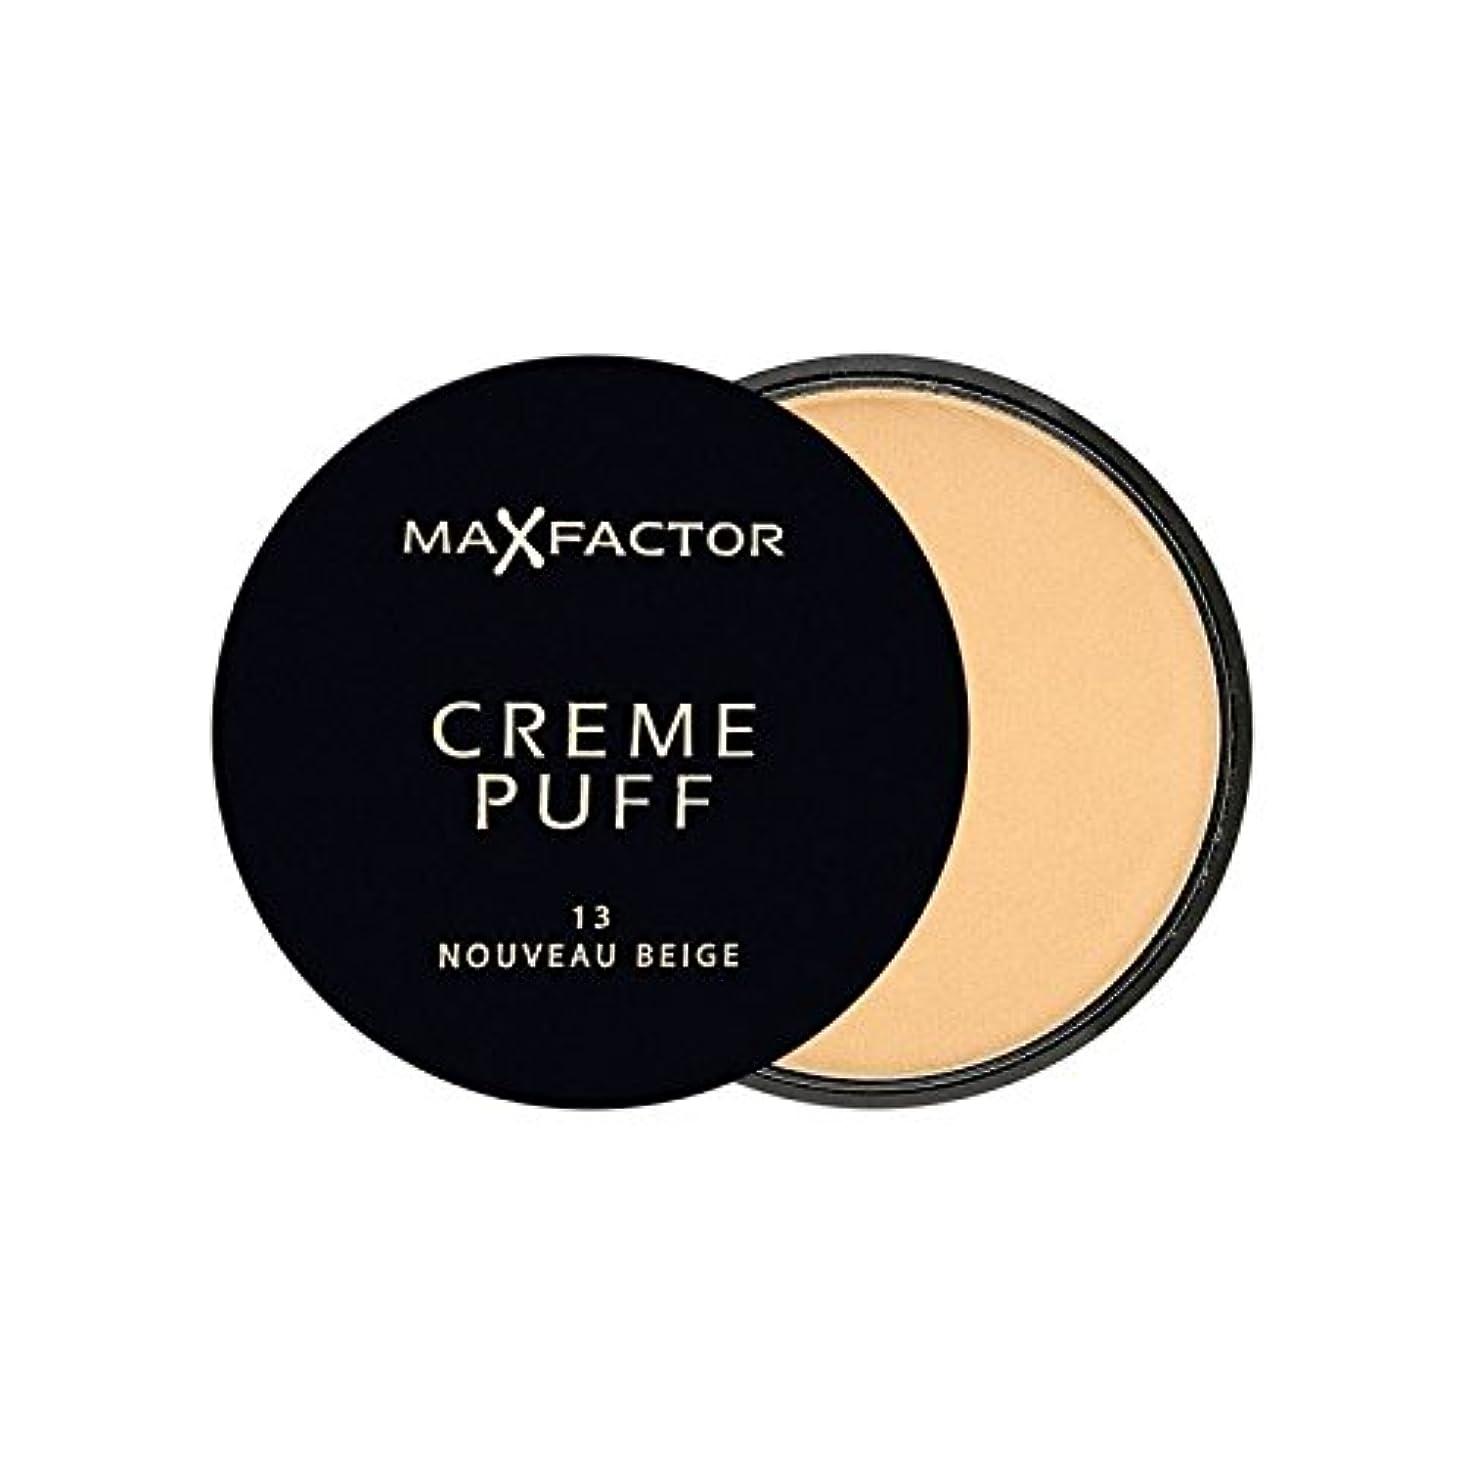 灰理容室花嫁Max Factor Creme Puff Powder Compact Nouveau Beige 13 (Pack of 6) - マックスファクタークリームパフ粉末コンパクトヌーボーベージュ13 x6 [並行輸入品]